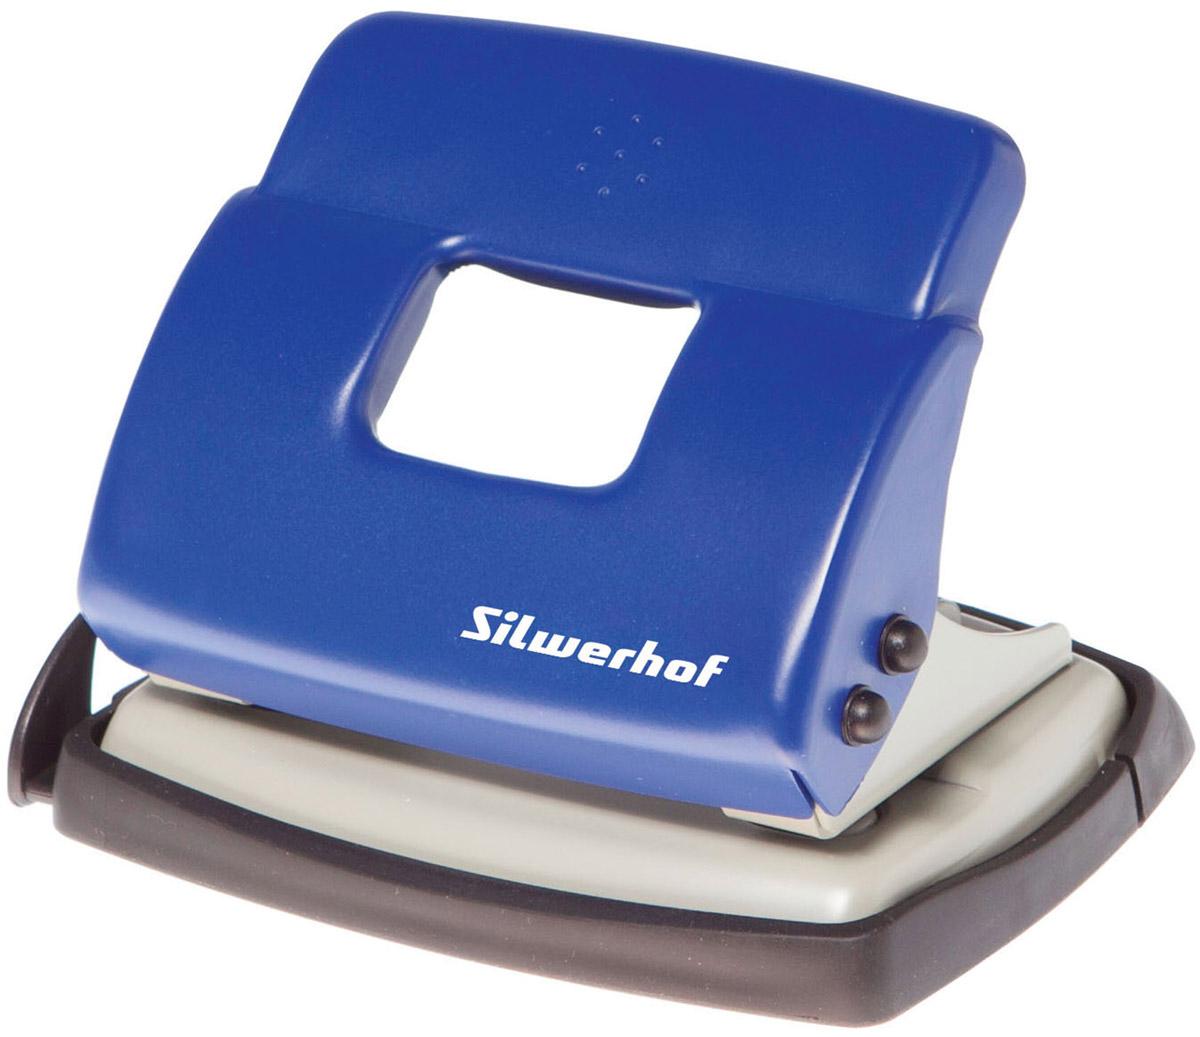 Silwerhof Дырокол Debut на 20 листов цвет синийKM-8721-005Надежный цельнометаллический дырокол Silwerhof Debut - это незаменимый офисный инструмент для перфорации бумаги и картона.Металлический дырокол с нескользящим основанием предназначен для одновременной перфорации до 20 листов бумаги 80г/м. Для удобства он оснащен выдвижной линейкой с разметкой для документов различных форматов, а также имеет съемный резервуар для обрезков бумаги, встроенный в основание.Также у данного атрибута присутствует окно для персонализации и пластиковый поддон для сбора конфетти с функцией частичного открывания.